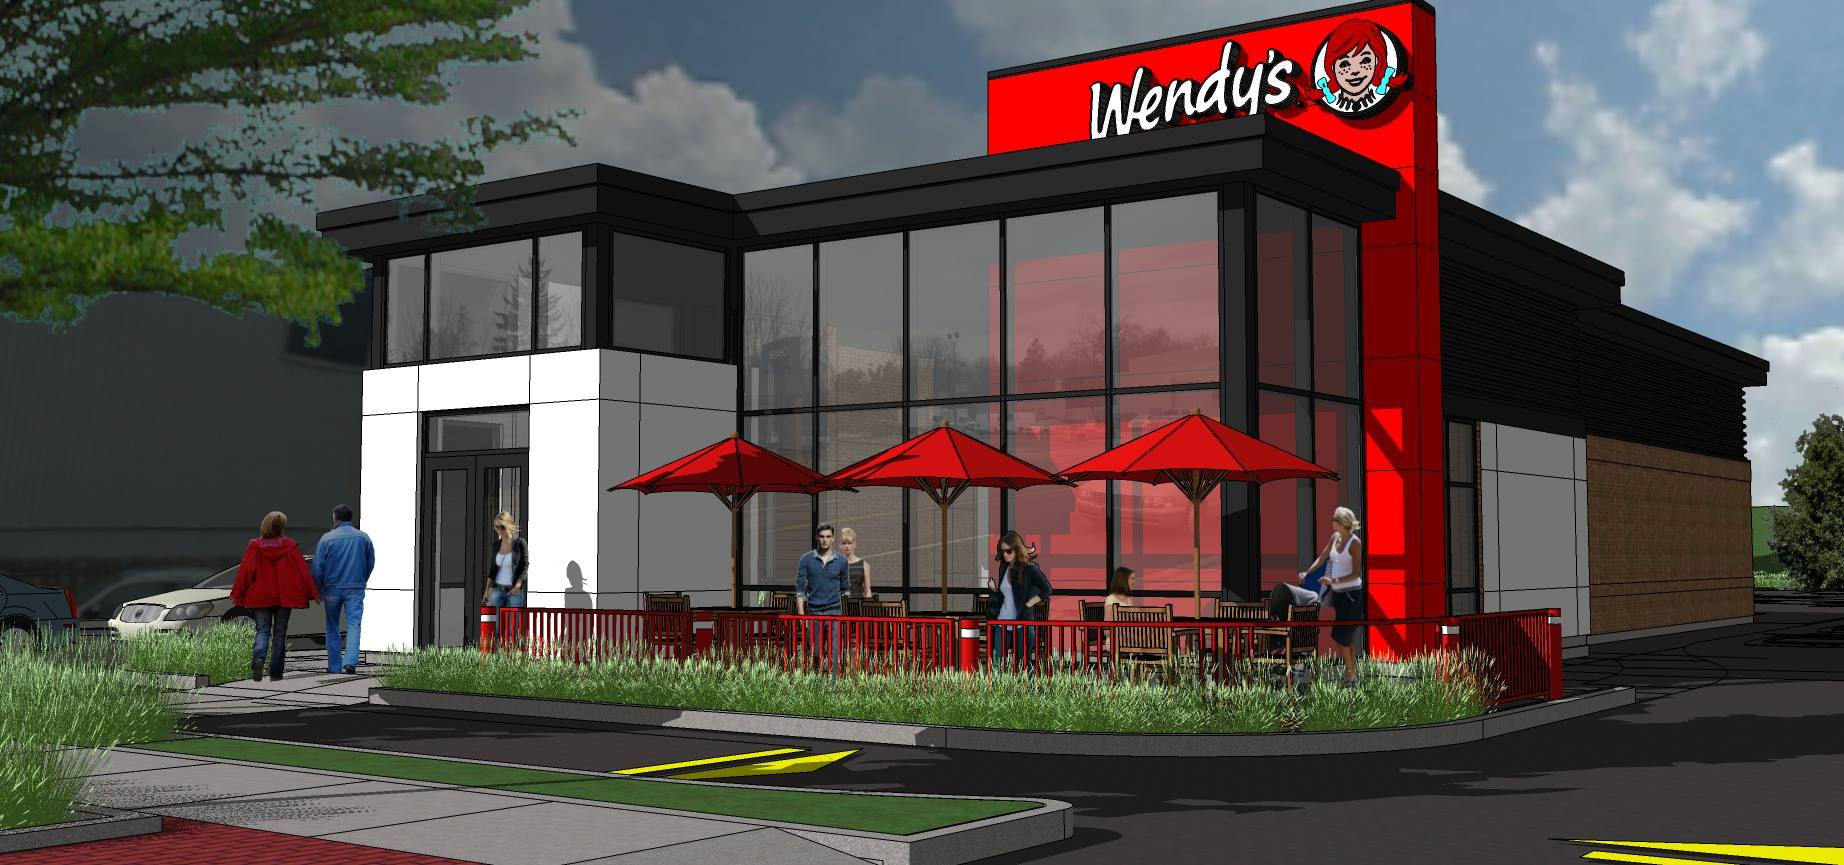 Wendys+Remodel+2.jpg